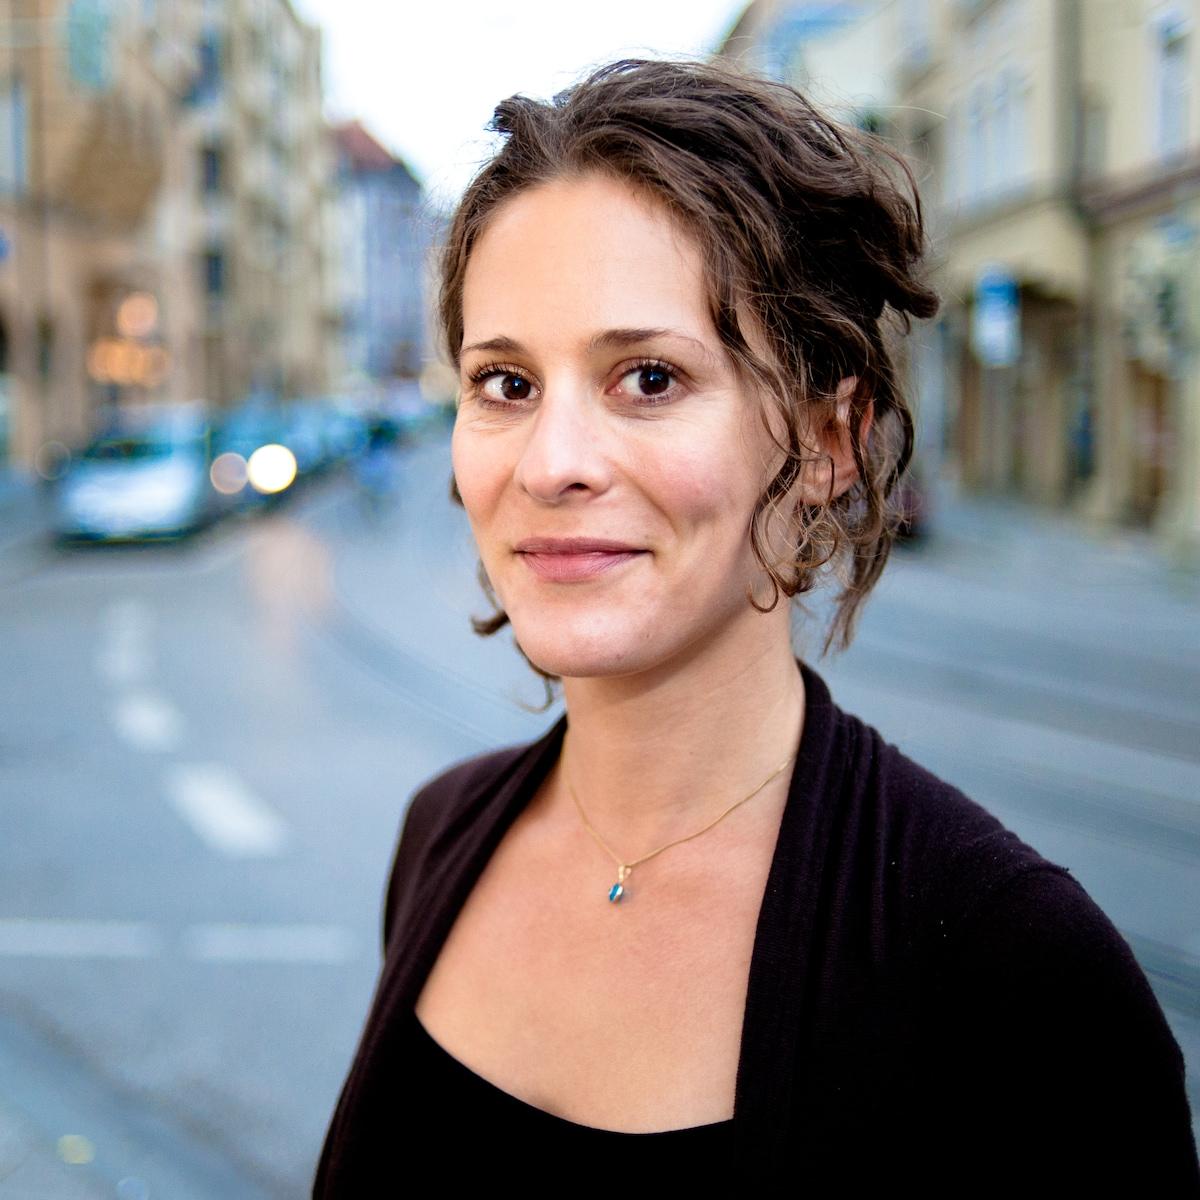 Carmen From Munich, Germany